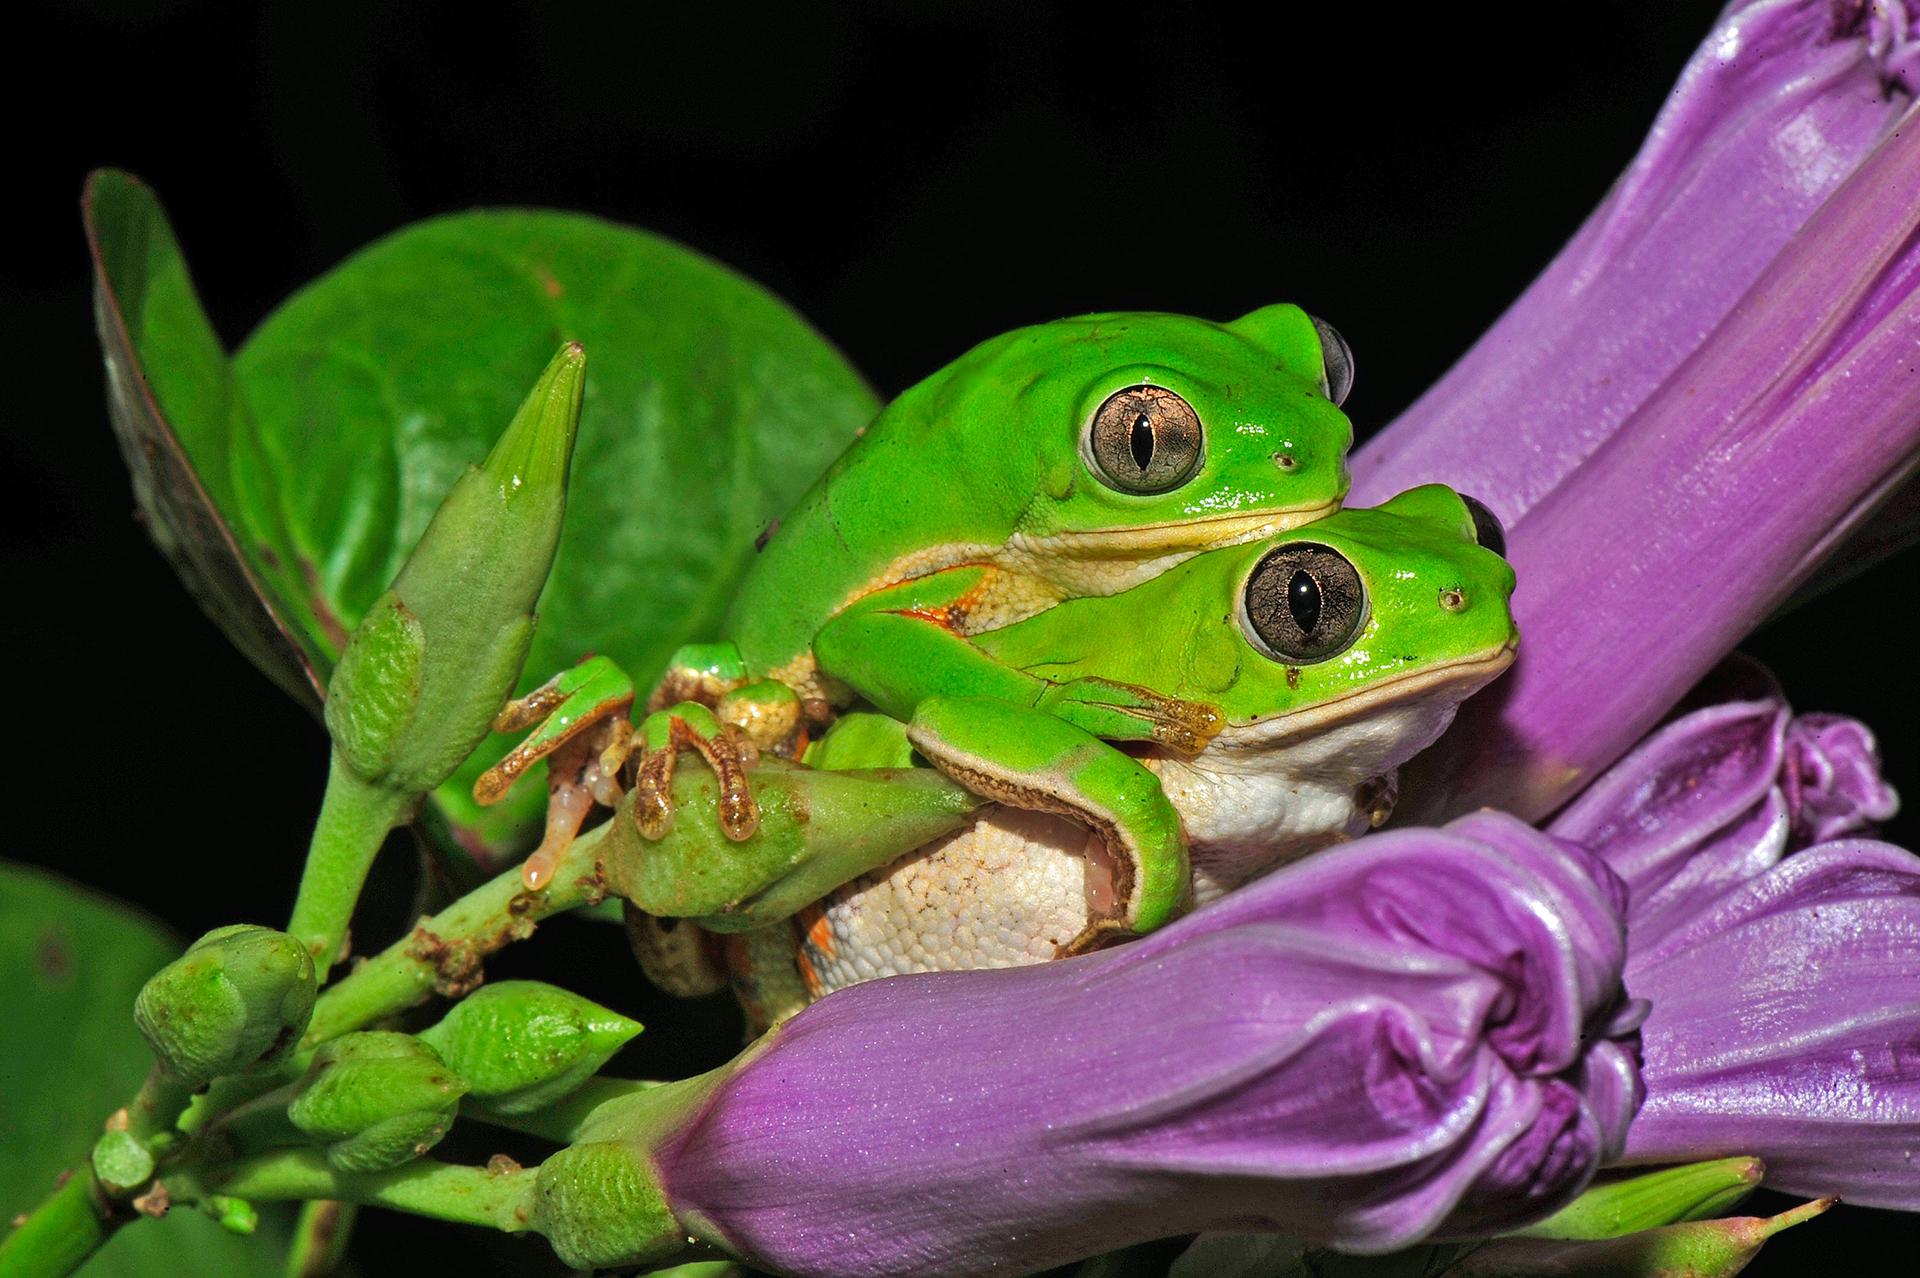 """Mención de honor: Ecología y ciencia ambiental. """"La temporada de lluvias, la rana arborícola verde y el mantenimiento de la vida"""", por Carlos Jared. La pequeña rana arborícola Phyllomedusa nordestina vive en el desierto semiárido brasileño (Caatinga) y permanece, al menos durante 8 meses del año, totalmente escondida, protegiéndose contra la desecación. Temprano en el año, después de las primeras lluvias de verano, el paisaje seco, marrón y cactáceas de la Caatinga da lugar a un magnífico escenario verde, despertando la flora y la fauna inactivas. Las aparentemente frágiles ranas arbóreas siguen esta misma tendencia y cambian su color pardusco habitual por el verde fresco del verano. Con esta nueva prenda, se aparean dentro de las flores y las hojas que también colorean el escenario, a menudo (como en este caso), con una pompa natural. La reproducción generalmente ocurre en charcos o en las costas de pequeños pantanos temporales. Todo debe ser muy rápido porque la sequía regresará despiadadamente. Cámara: Nikon D3 Lente: AF-S VR Micro-Nikkor 105 mm. ISO 250, f / 45, 1/60. Flash: luz de aproximación inalámbrica de primer plano Nikon R1C1"""